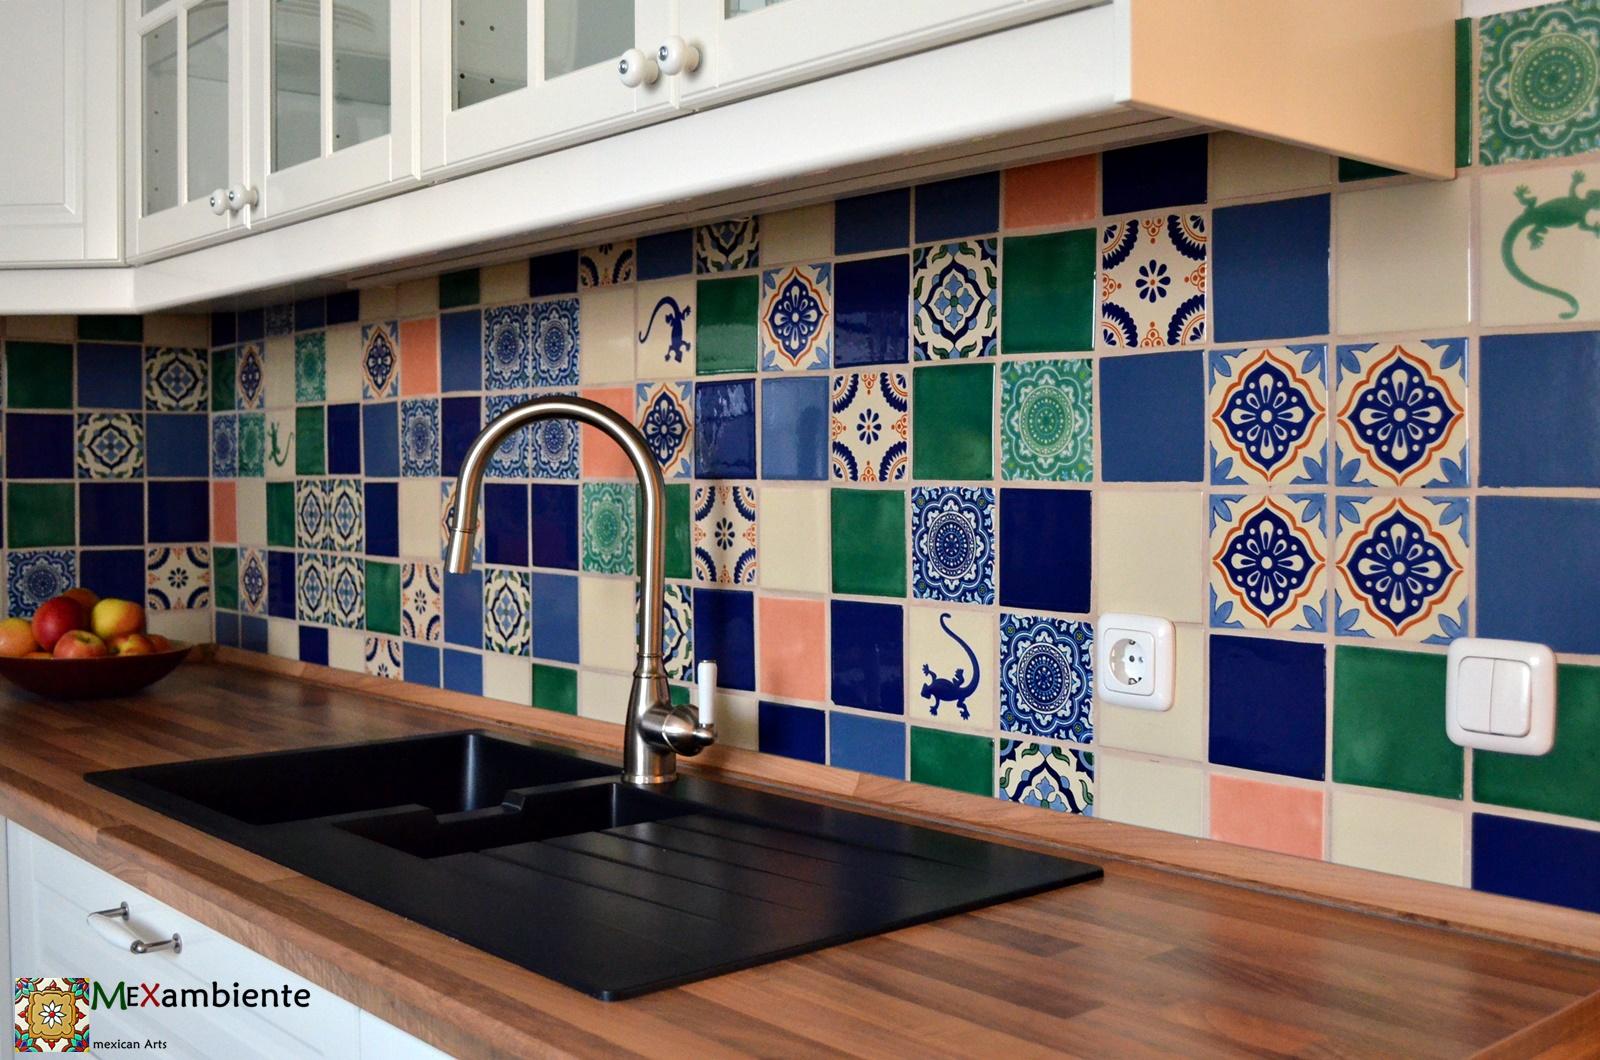 Full Size of Küche Bodenfliesen Marokkanische Fliesen Fr Das Feriengefhl In Ihrer Kche Eckbank Holz Modern Led Beleuchtung Pentryküche Mit E Geräten Günstig Blende Wohnzimmer Küche Bodenfliesen